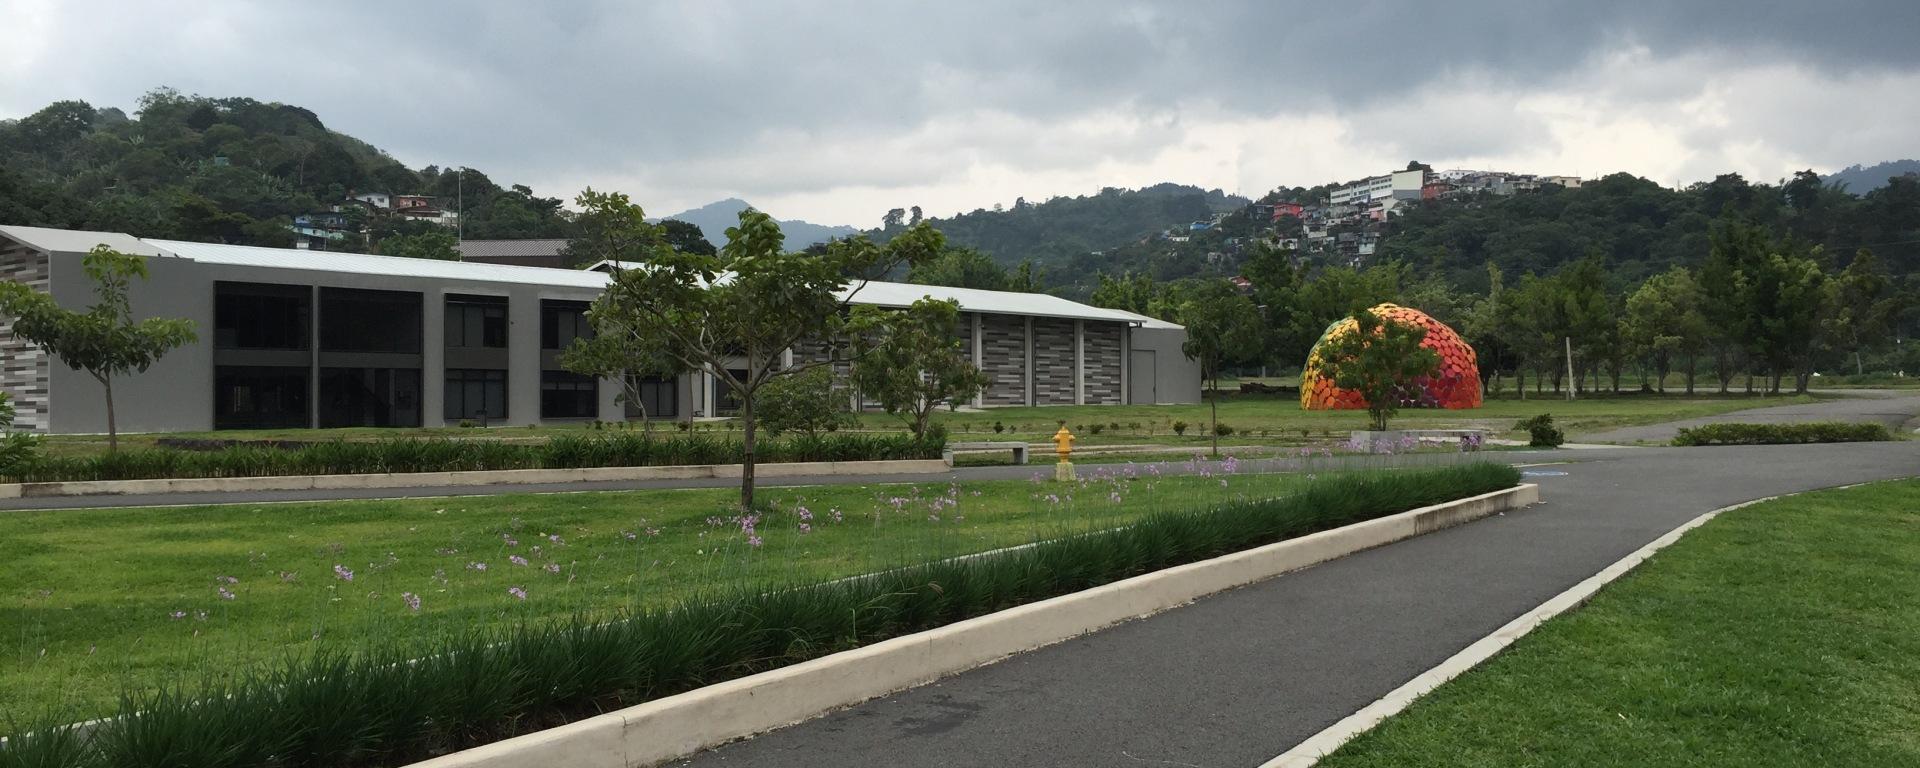 Parque La Libertad